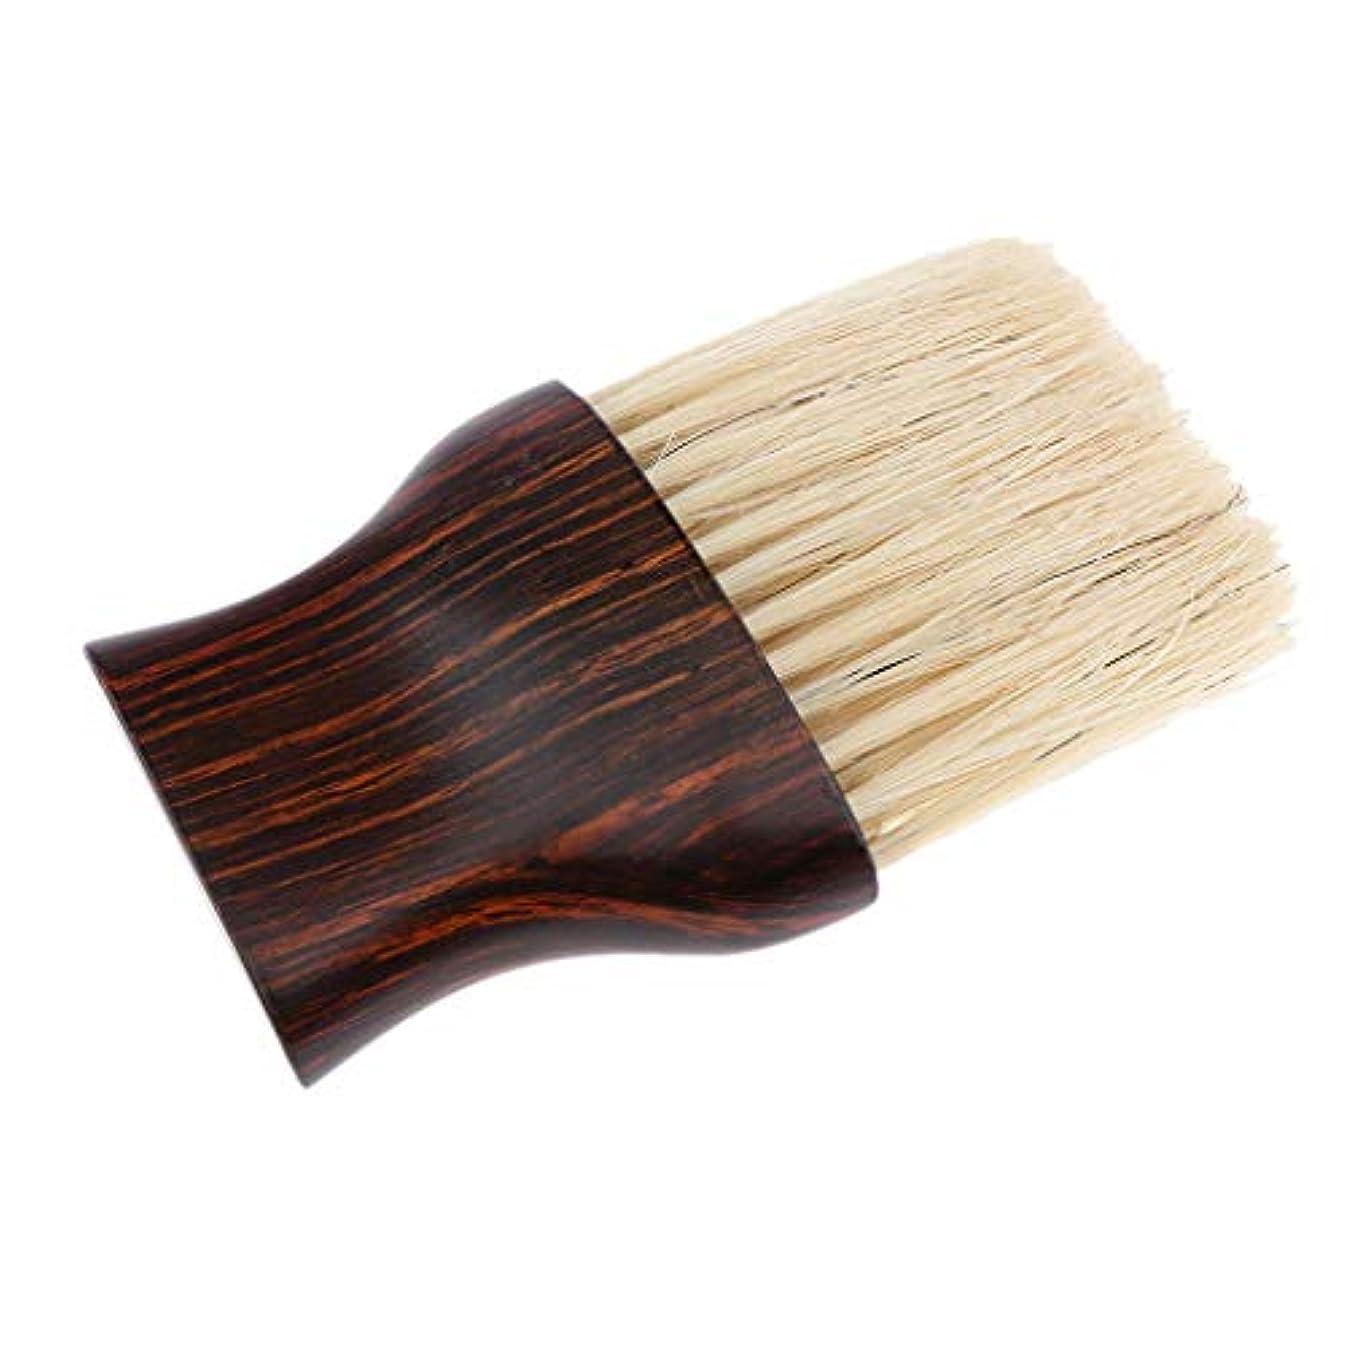 降ろすする必要がある利益Injoyo ヘアカットブラシネックダスタークリーニングヘアブラシ理容室快適な繊維の髪、木製ハンドル付き理髪ツール